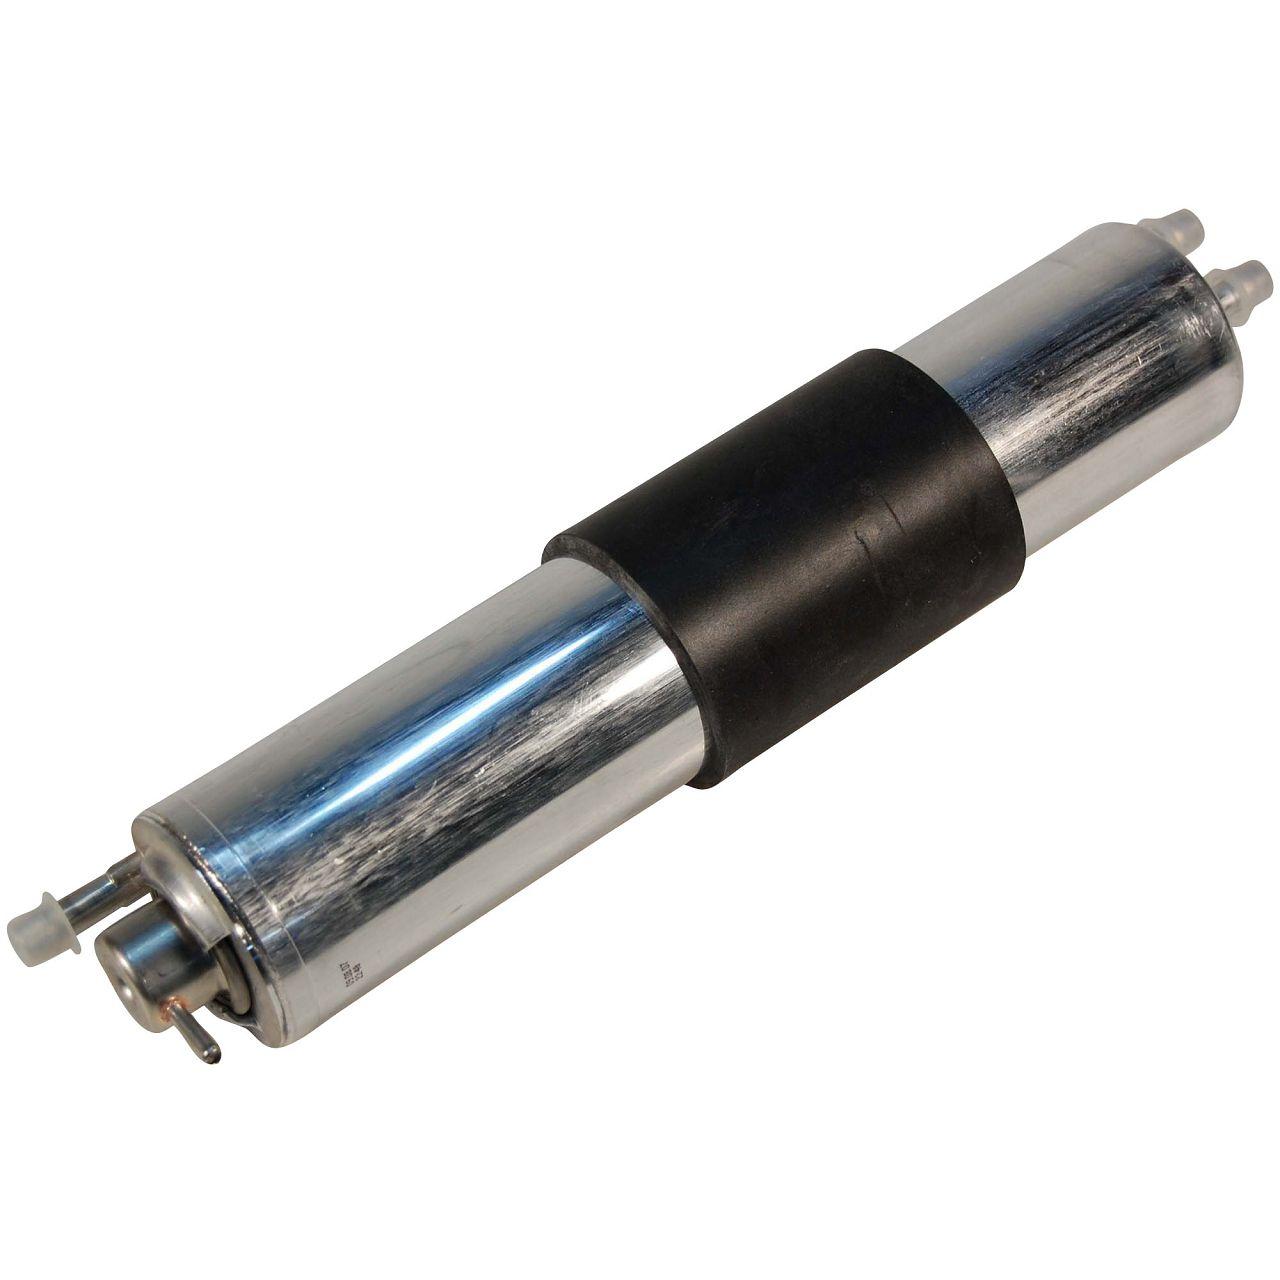 Inspektionskit Filterpaket Filterset für BMW 3er E46 316i 115 PS 318i 143/150 PS